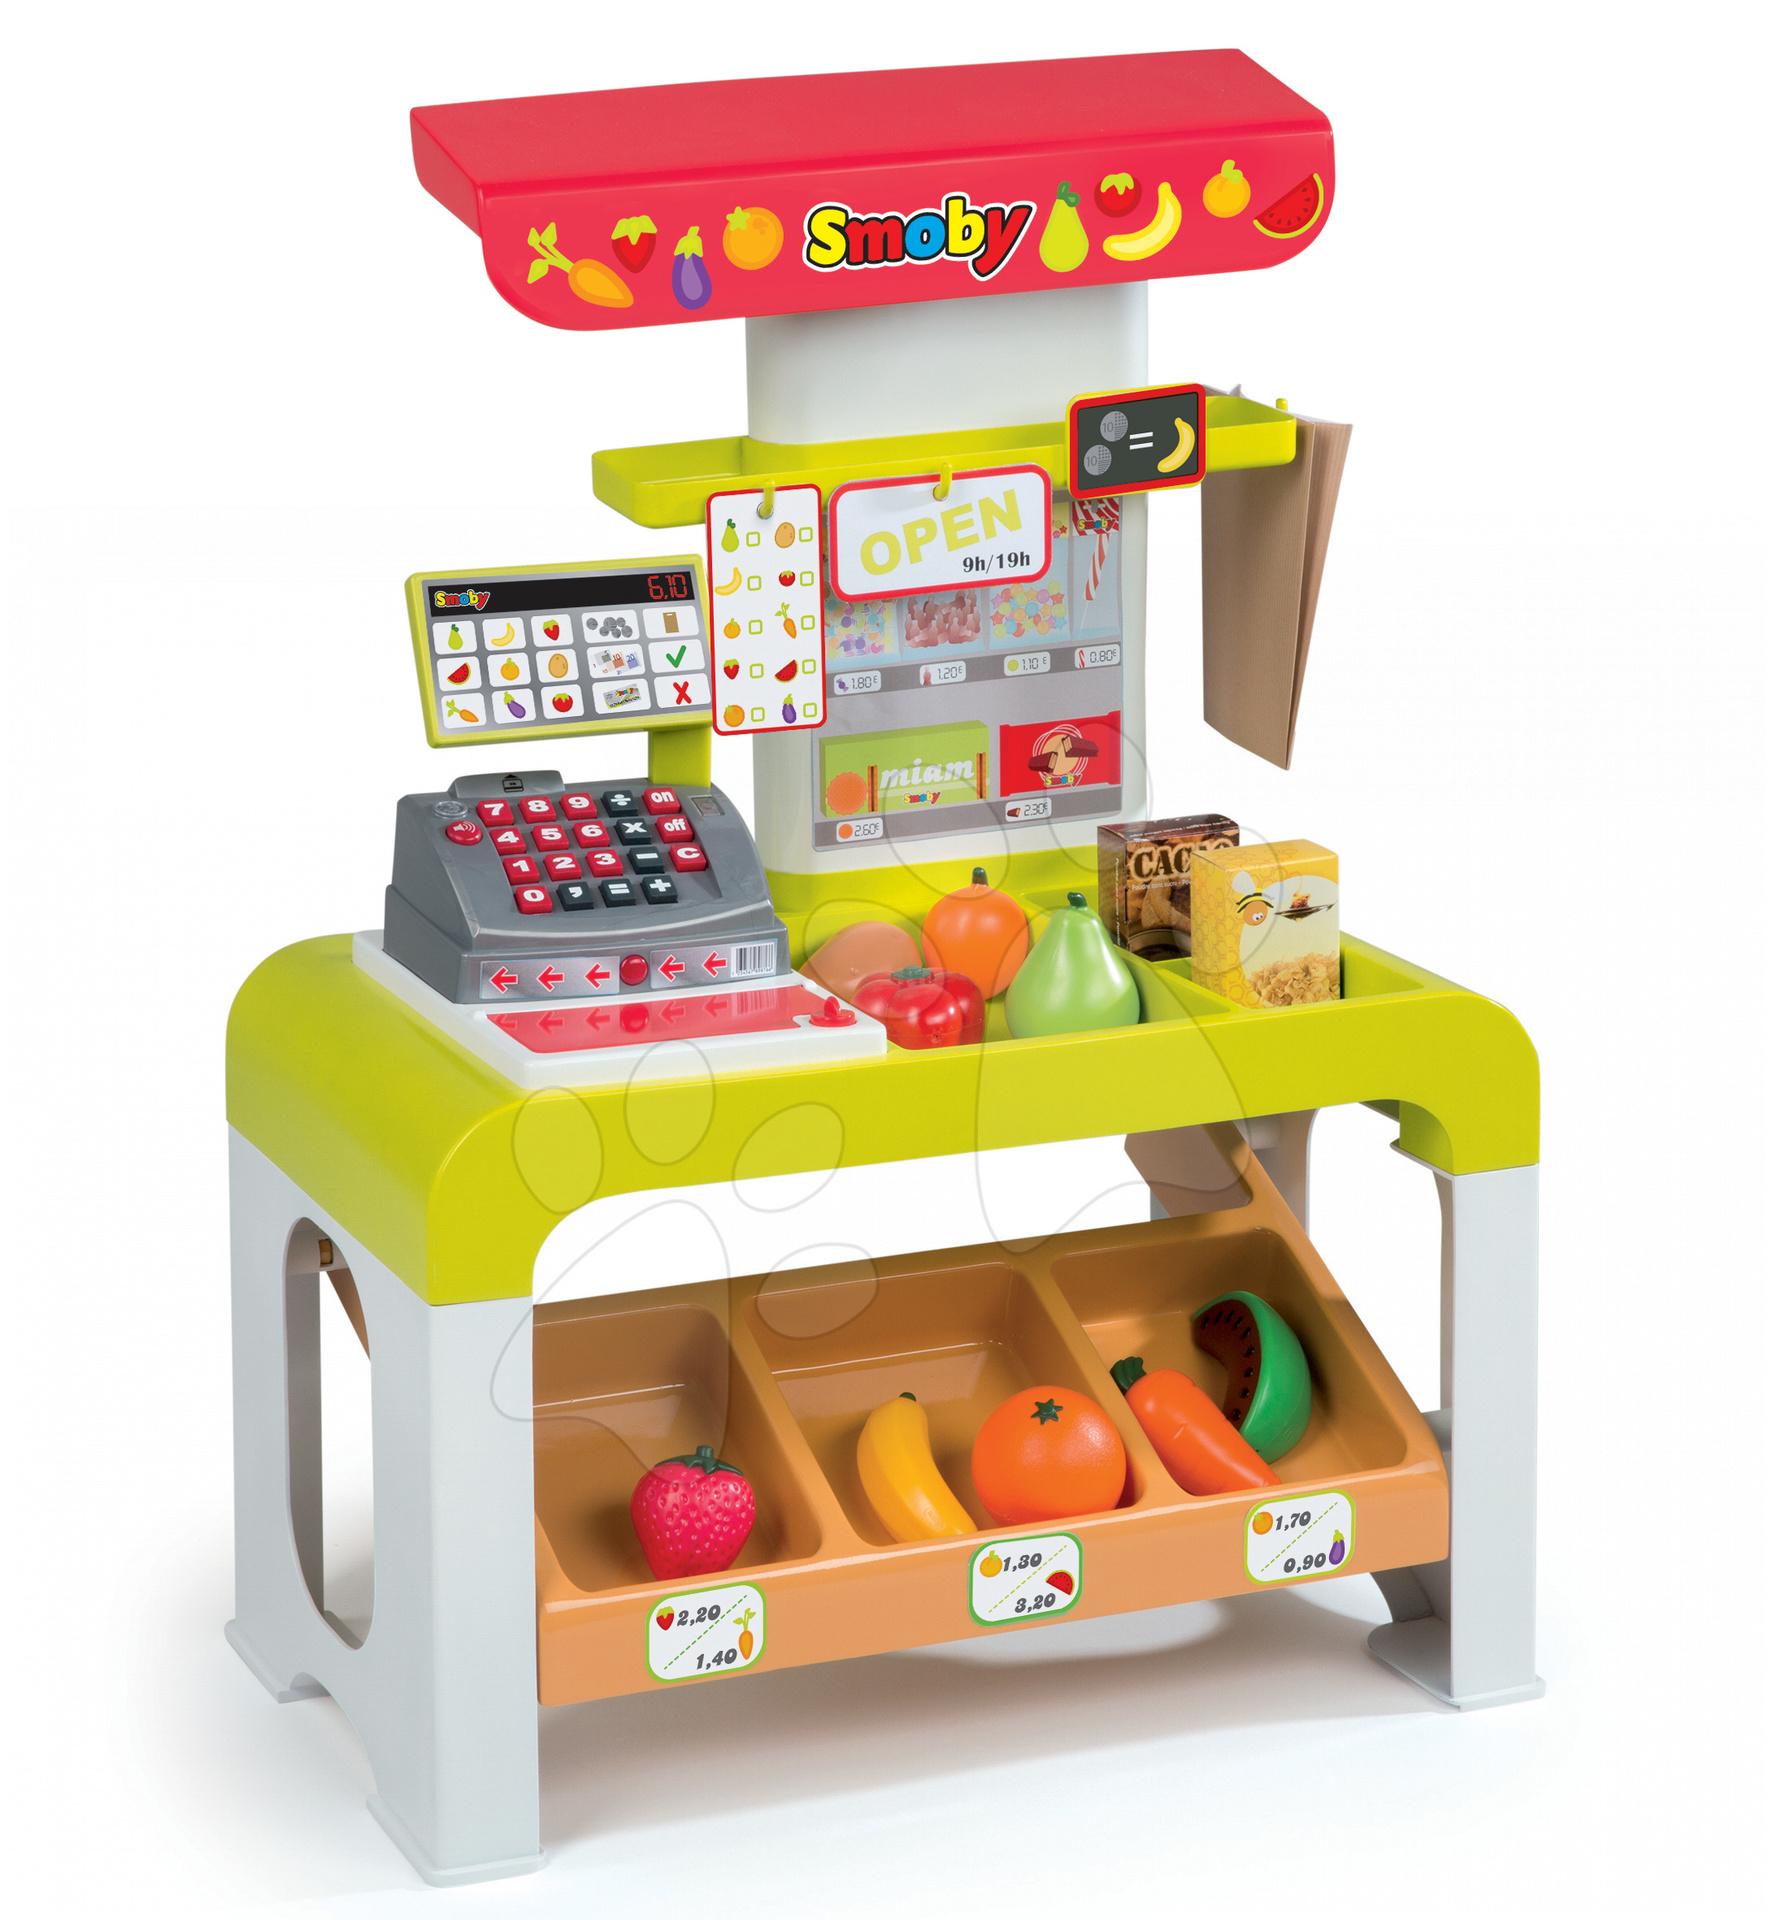 Obchody pre deti - Obchod Store Tronic Smoby s elektronickou pokladňou a 38 doplnkov